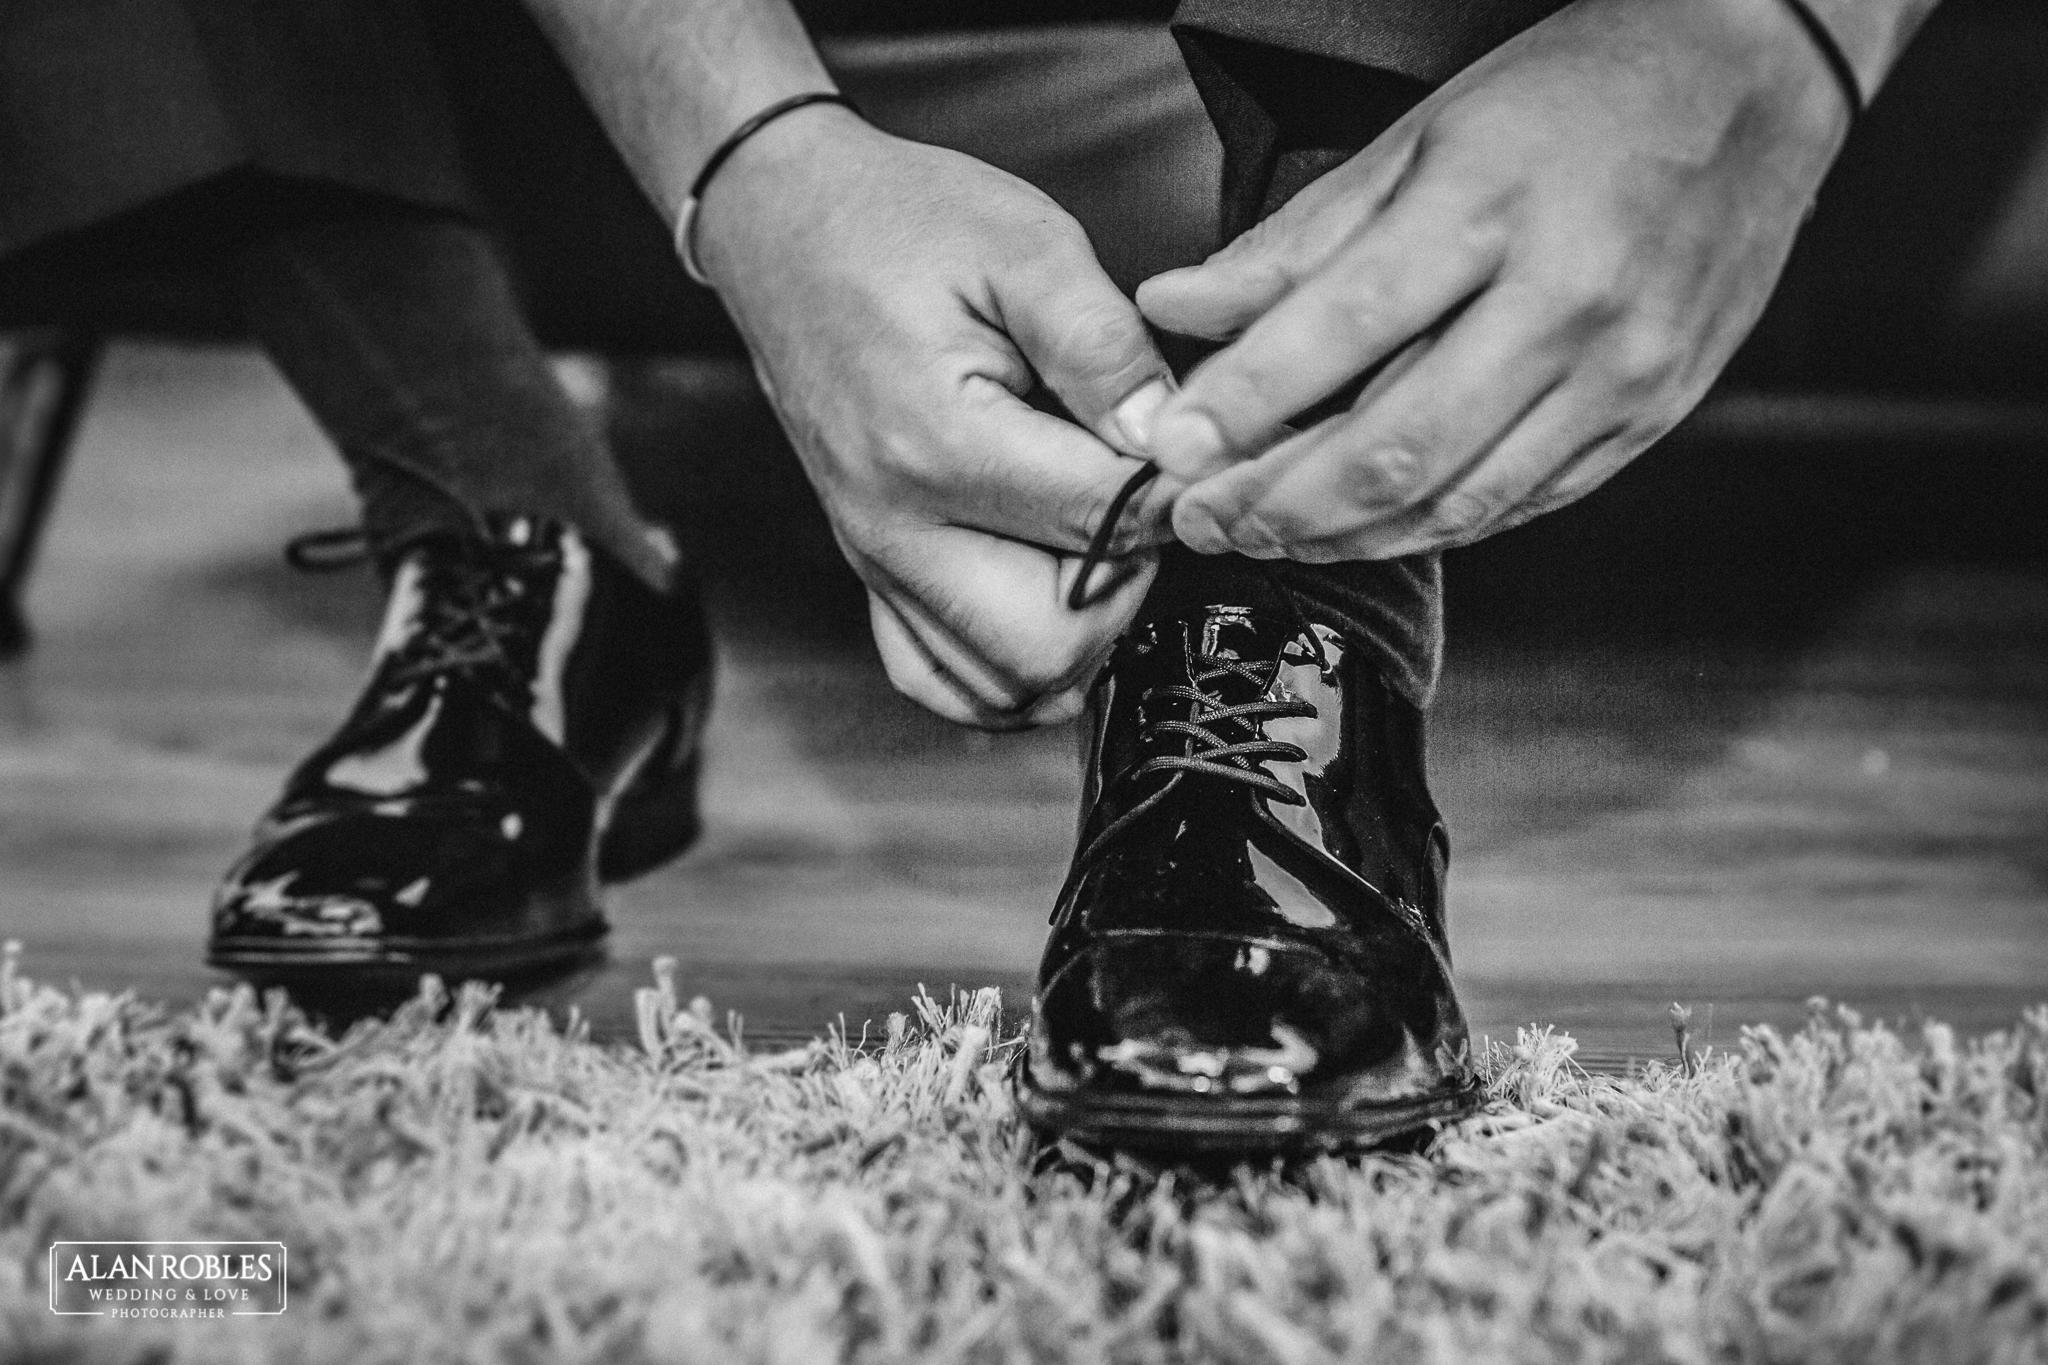 Zapatos del Novio. Getting Ready el dia de la boda, fotografia de bodas en Blanco. Alan Robles, fotografo de Bodas en Guadalajara. Amarrando las agujetas.